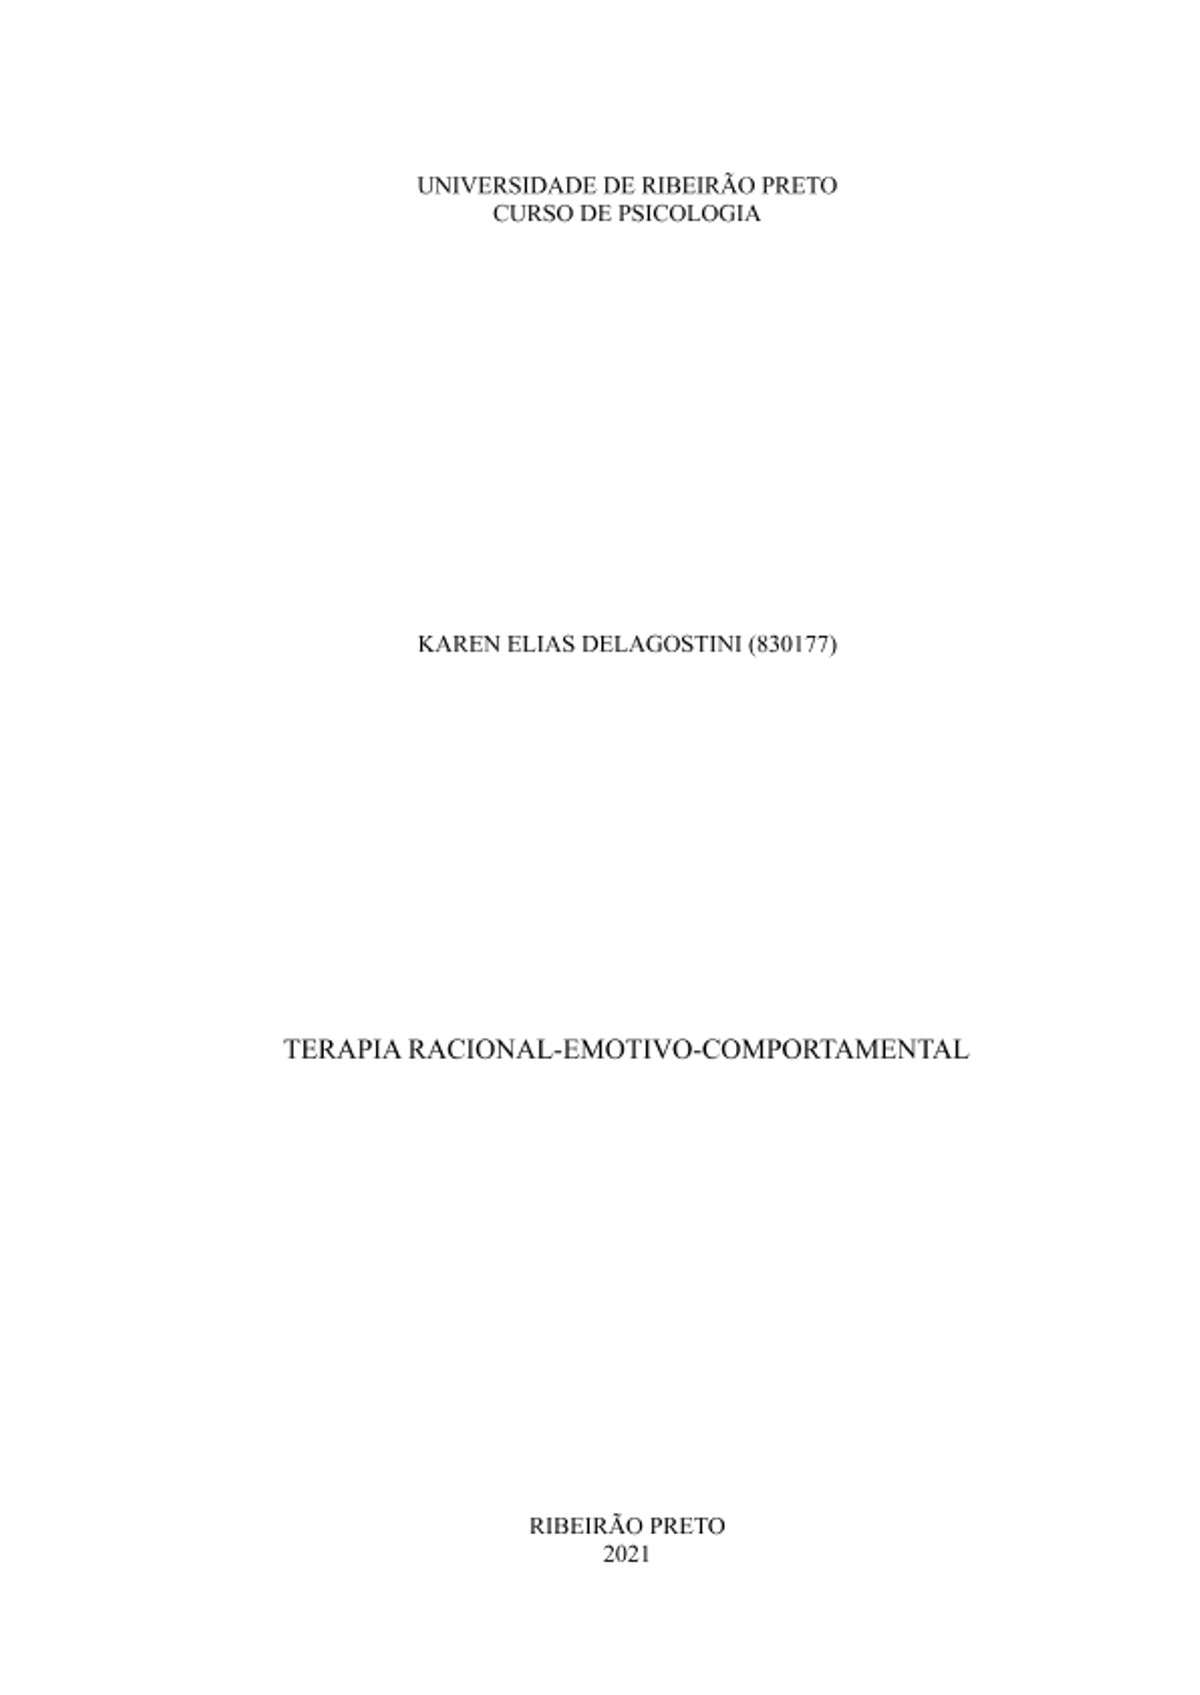 Pre-visualização do material Terapia Racional-Emotivo-Comportamental (TREC) - página 1